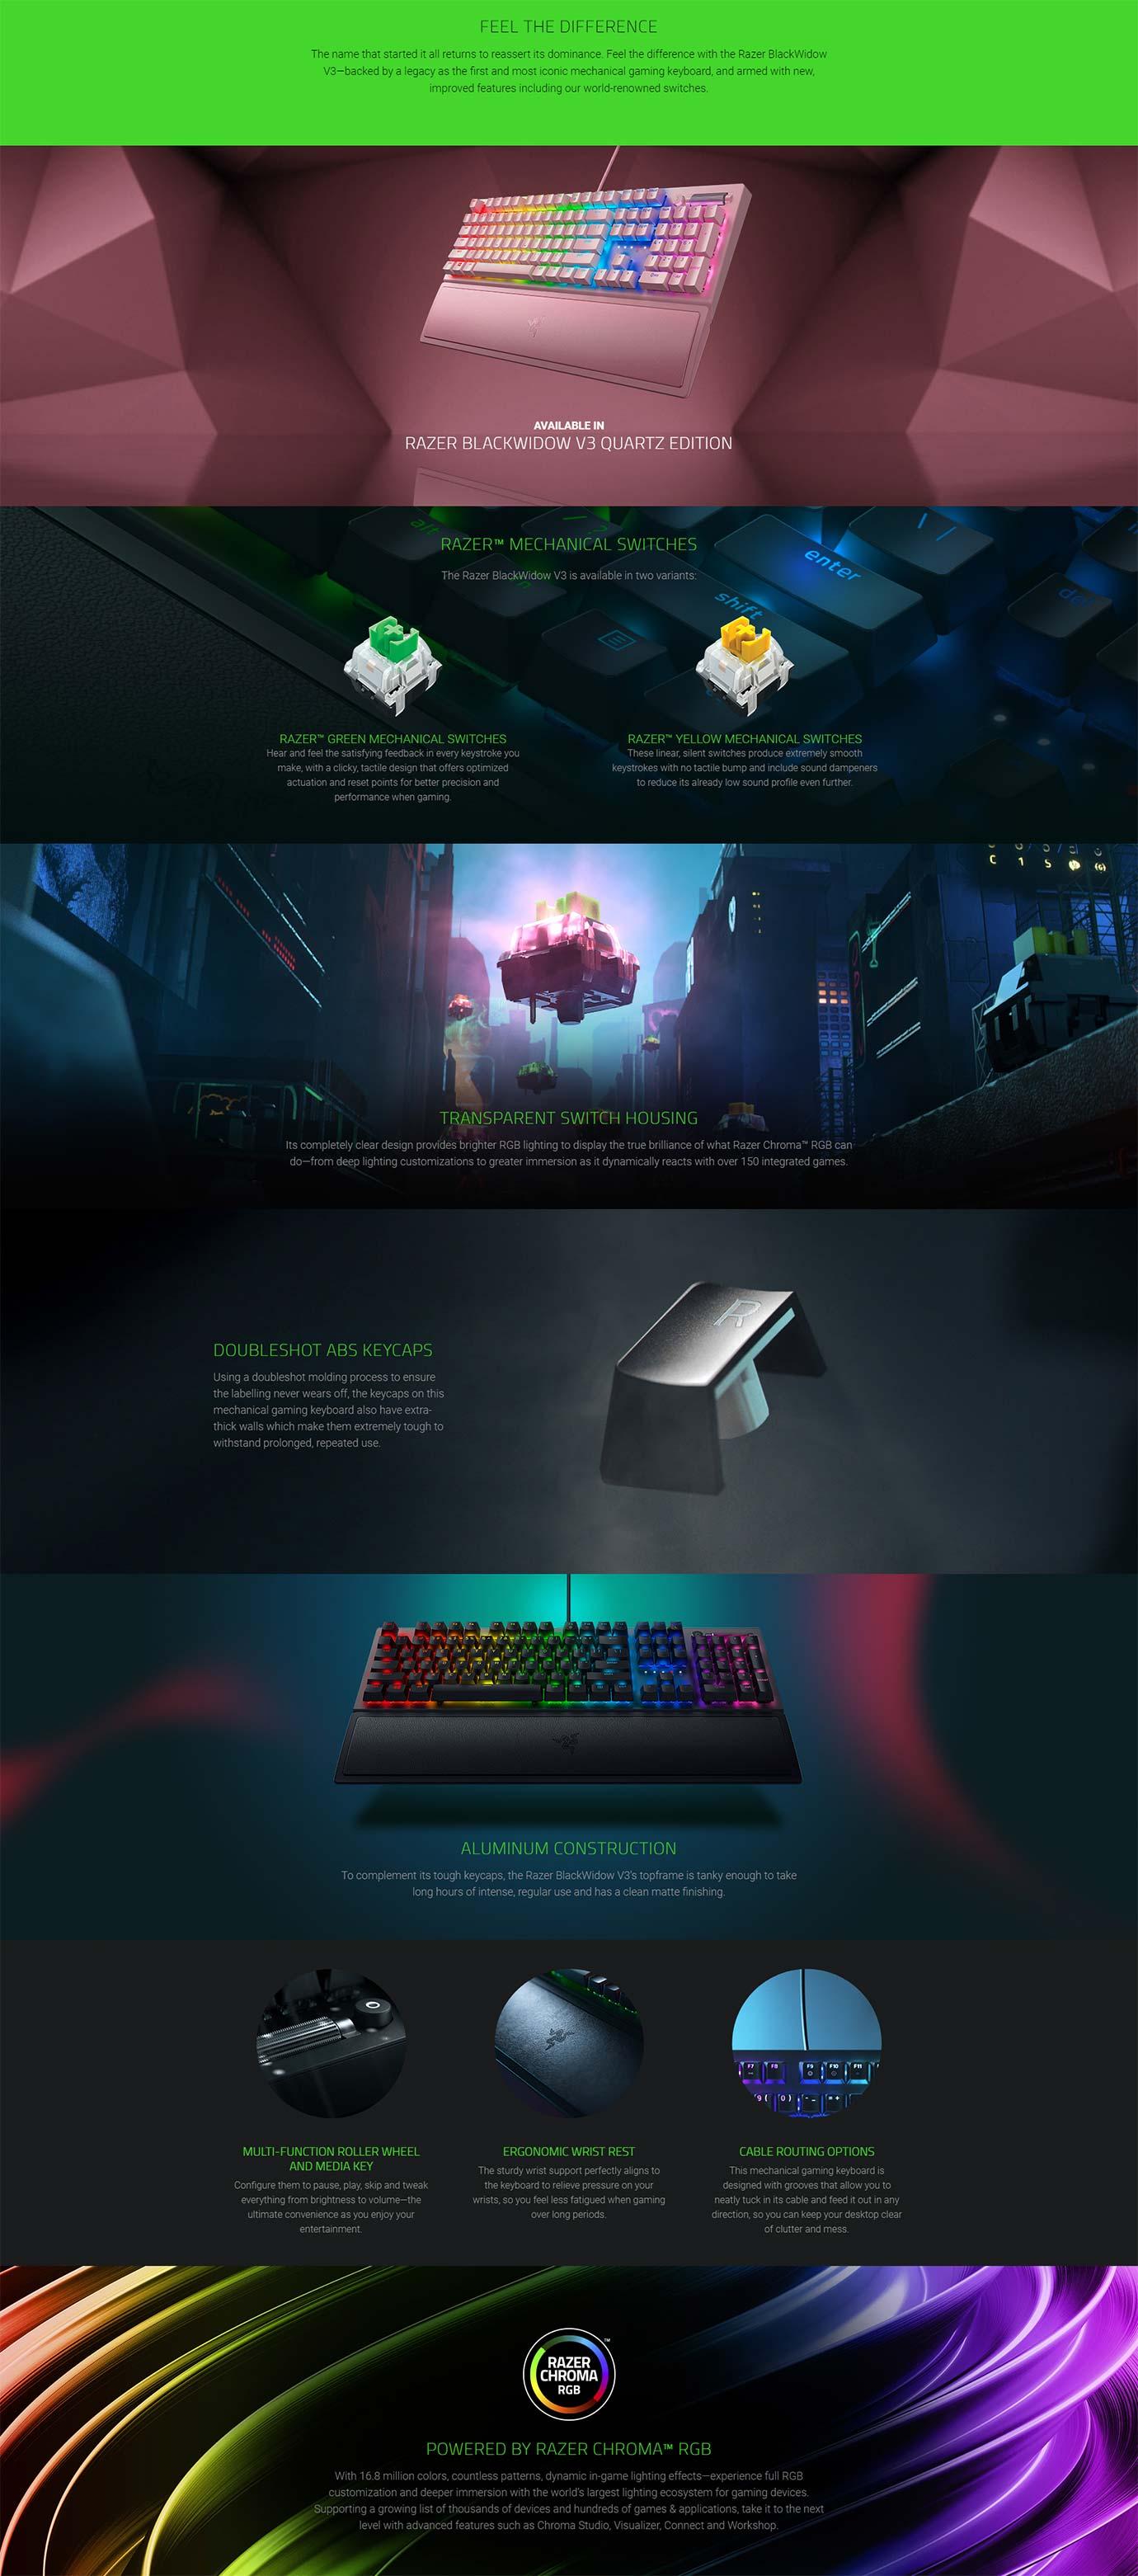 Razer BlackWidow V3 - Mechanical Gaming Keyboard